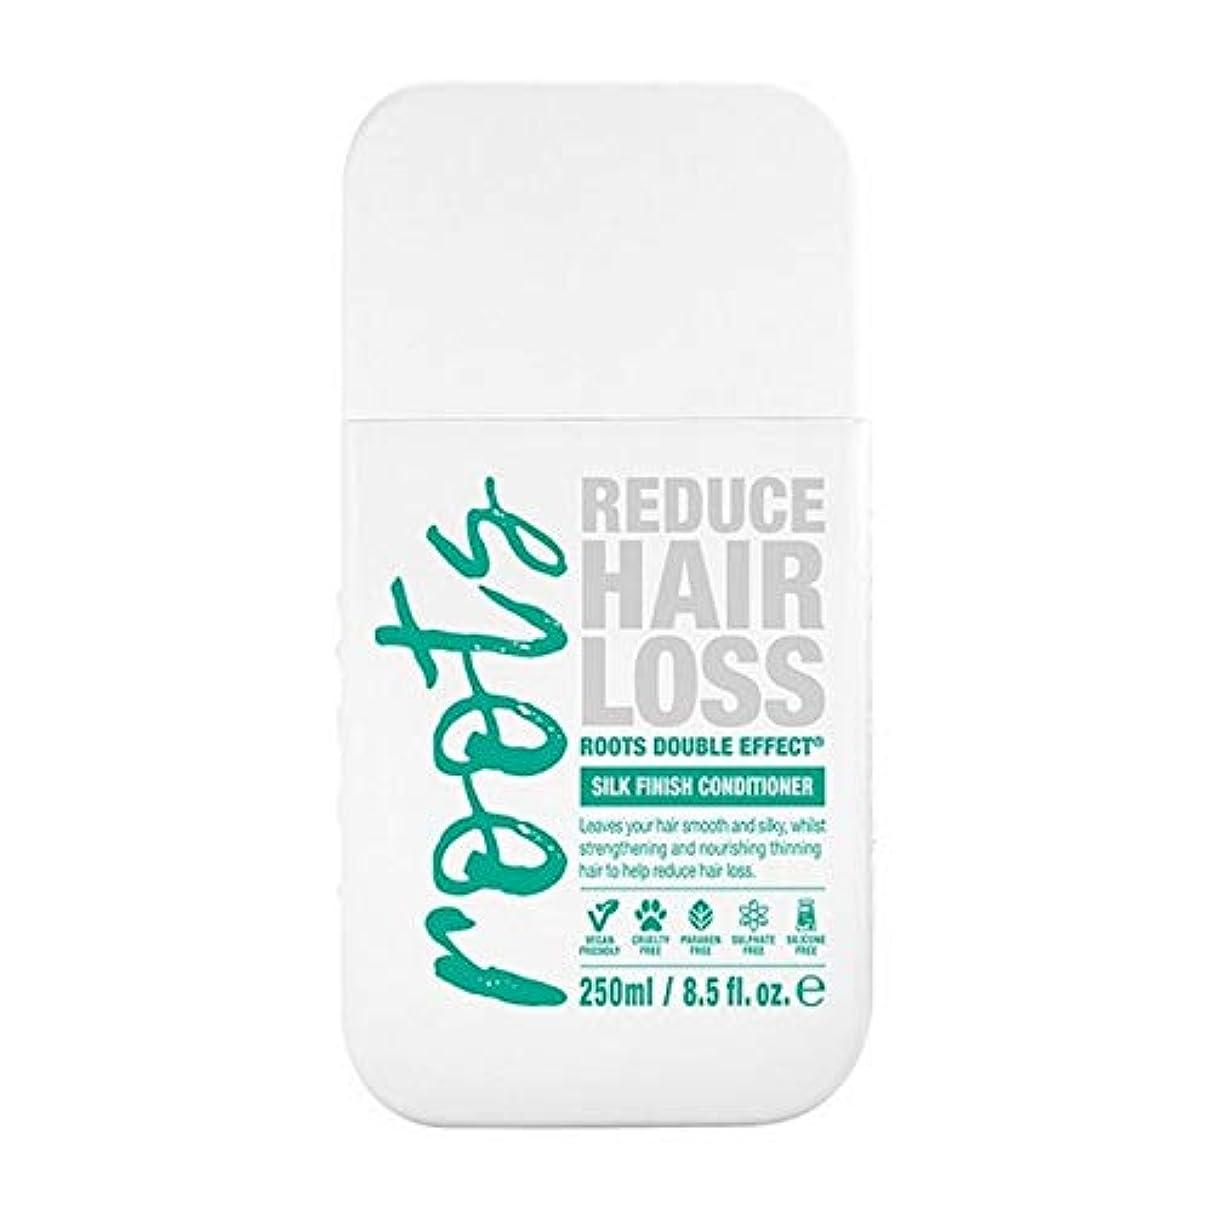 フォーマット到着する姓[Roots ] 根のダブル効果育毛シャンプー250Ml - Roots Double Effect Hair Growth Conditioner 250ml [並行輸入品]